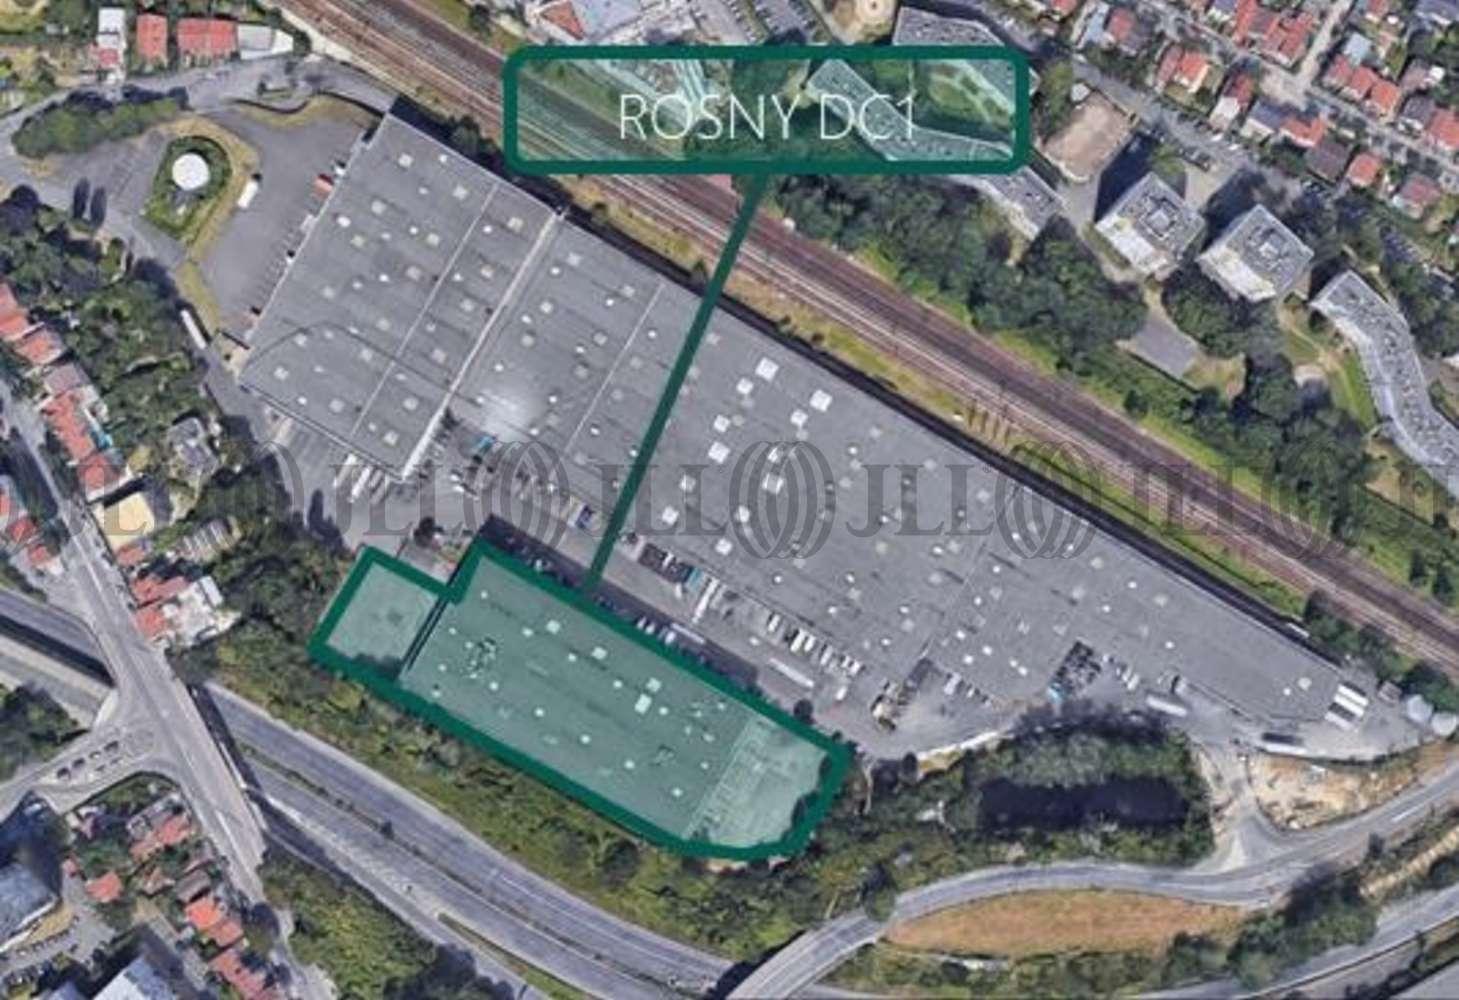 Plateformes logistiques Rosny sous bois, 93110 - DC1